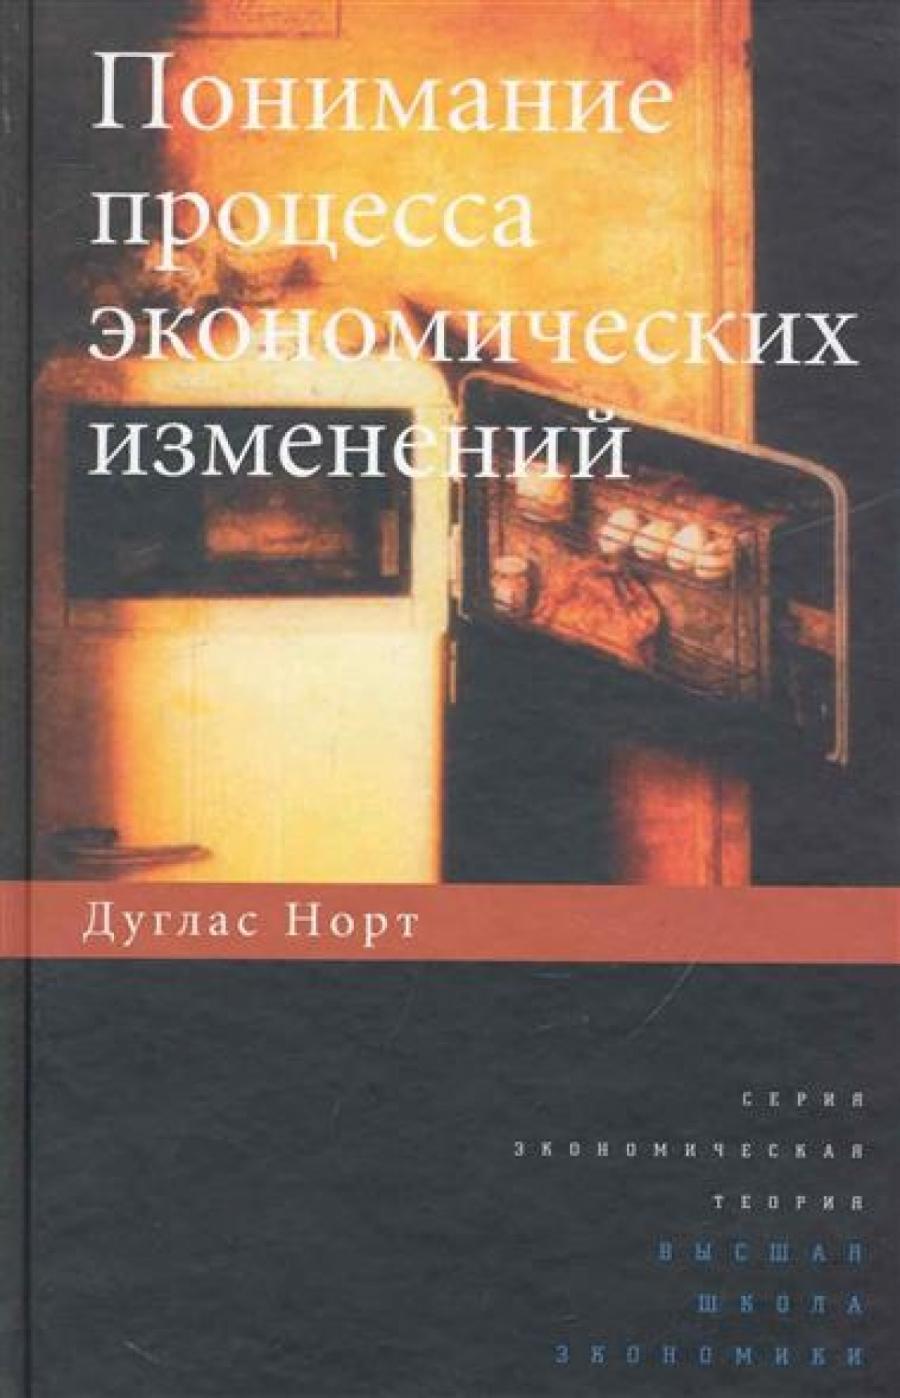 Обложка книги:  норт д. - понимание процесса экономических изменений